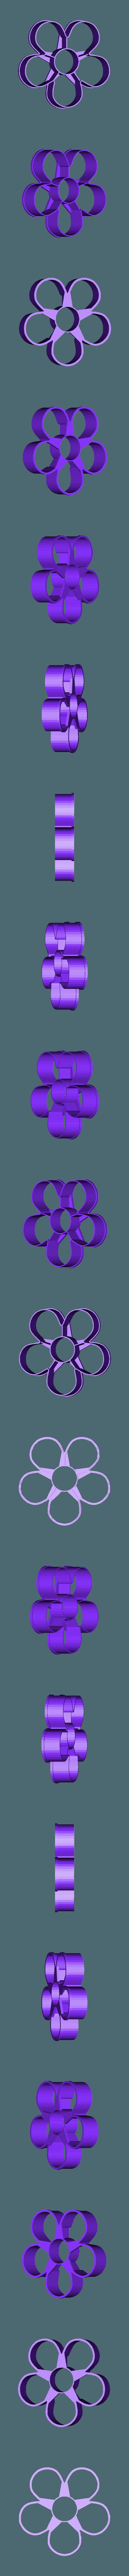 Flower_cookie_petals.stl Télécharger fichier STL gratuit Coupe-biscuits à fleurs • Modèle à imprimer en 3D, c47